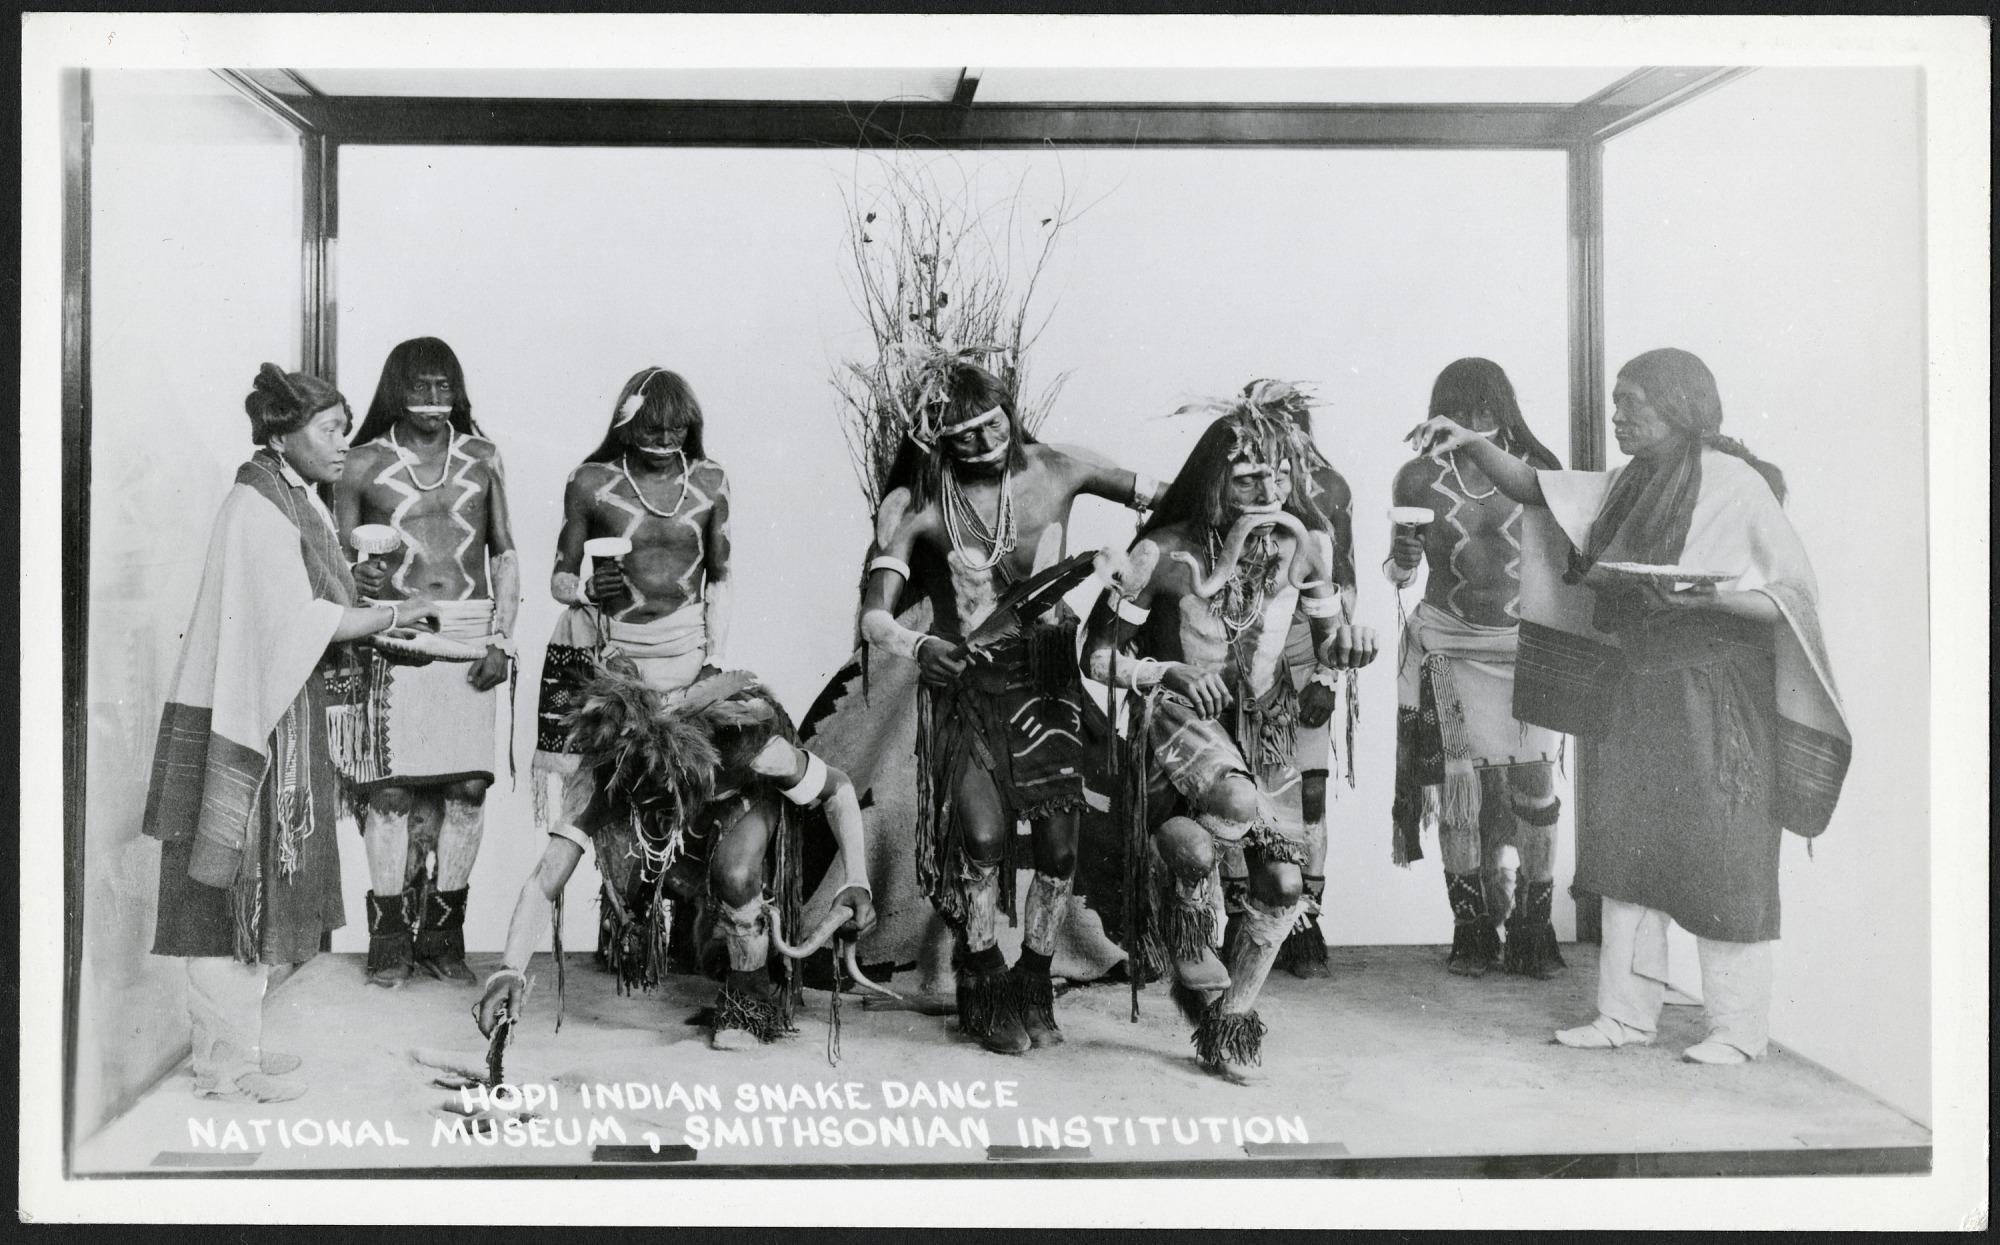 Postcard of Hopi Indian Snake Dance